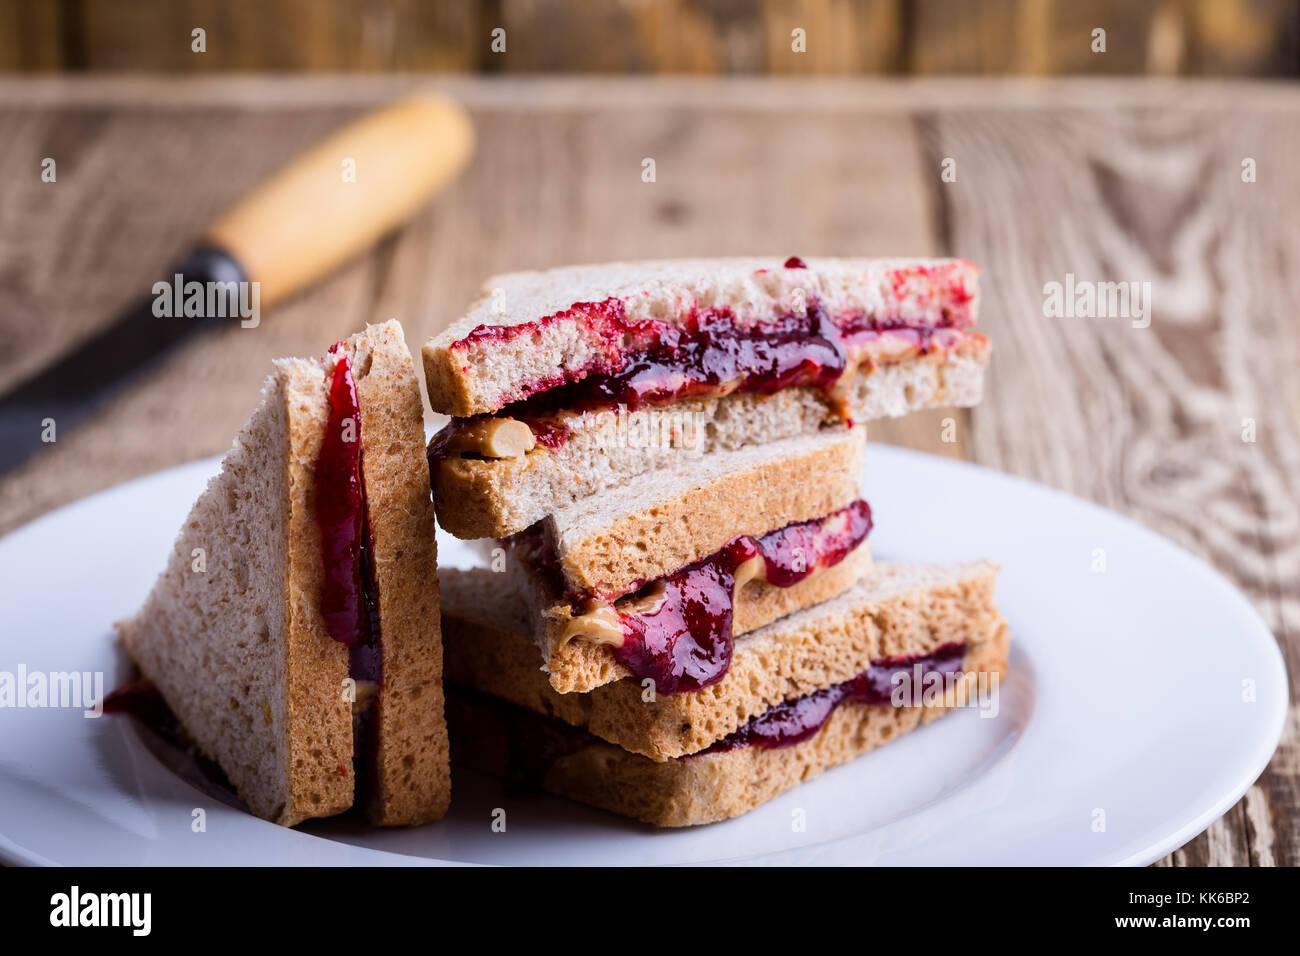 Sándwich de mantequilla de maní y mermelada con pan de trigo entero sobre mesa de madera rústica Imagen De Stock